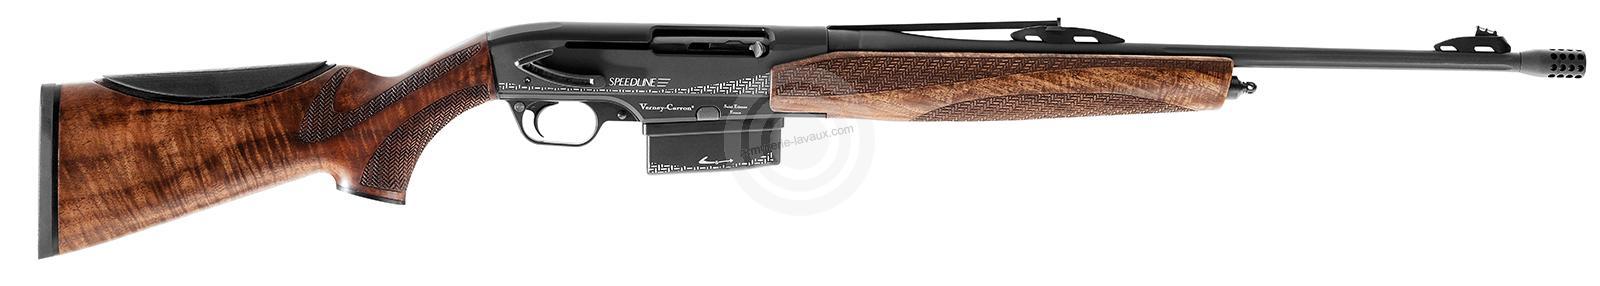 Carabine VERNEY CARRON Speedline cal.30-06 Sprg